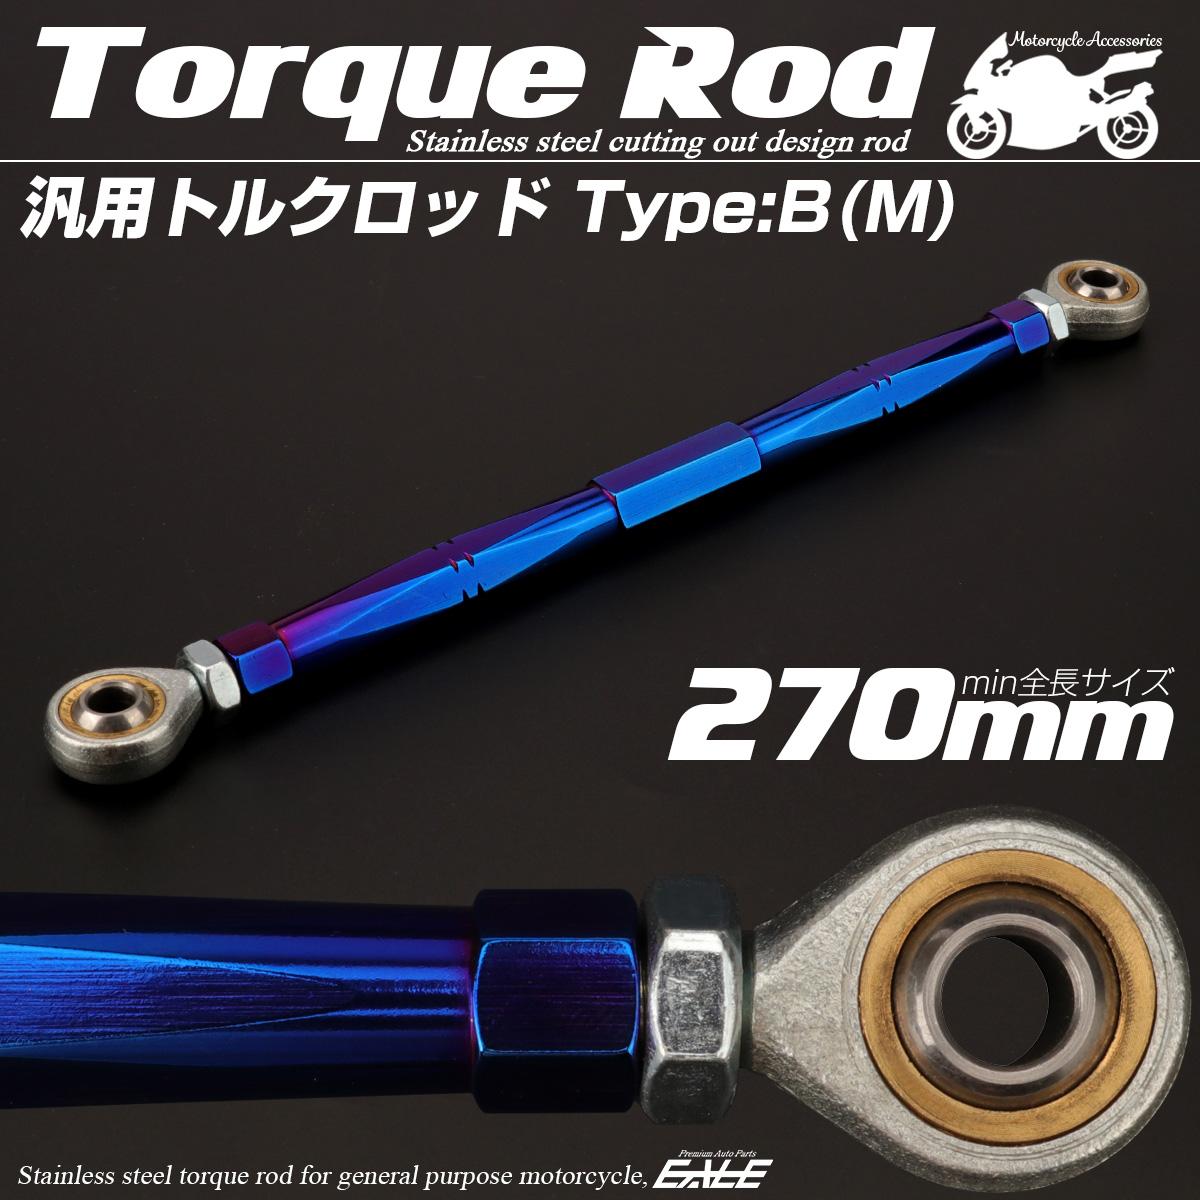 汎用 トルクロッド ステンレス Bタイプ Mサイズ 270mm バイク 二輪 ブルー TH0078